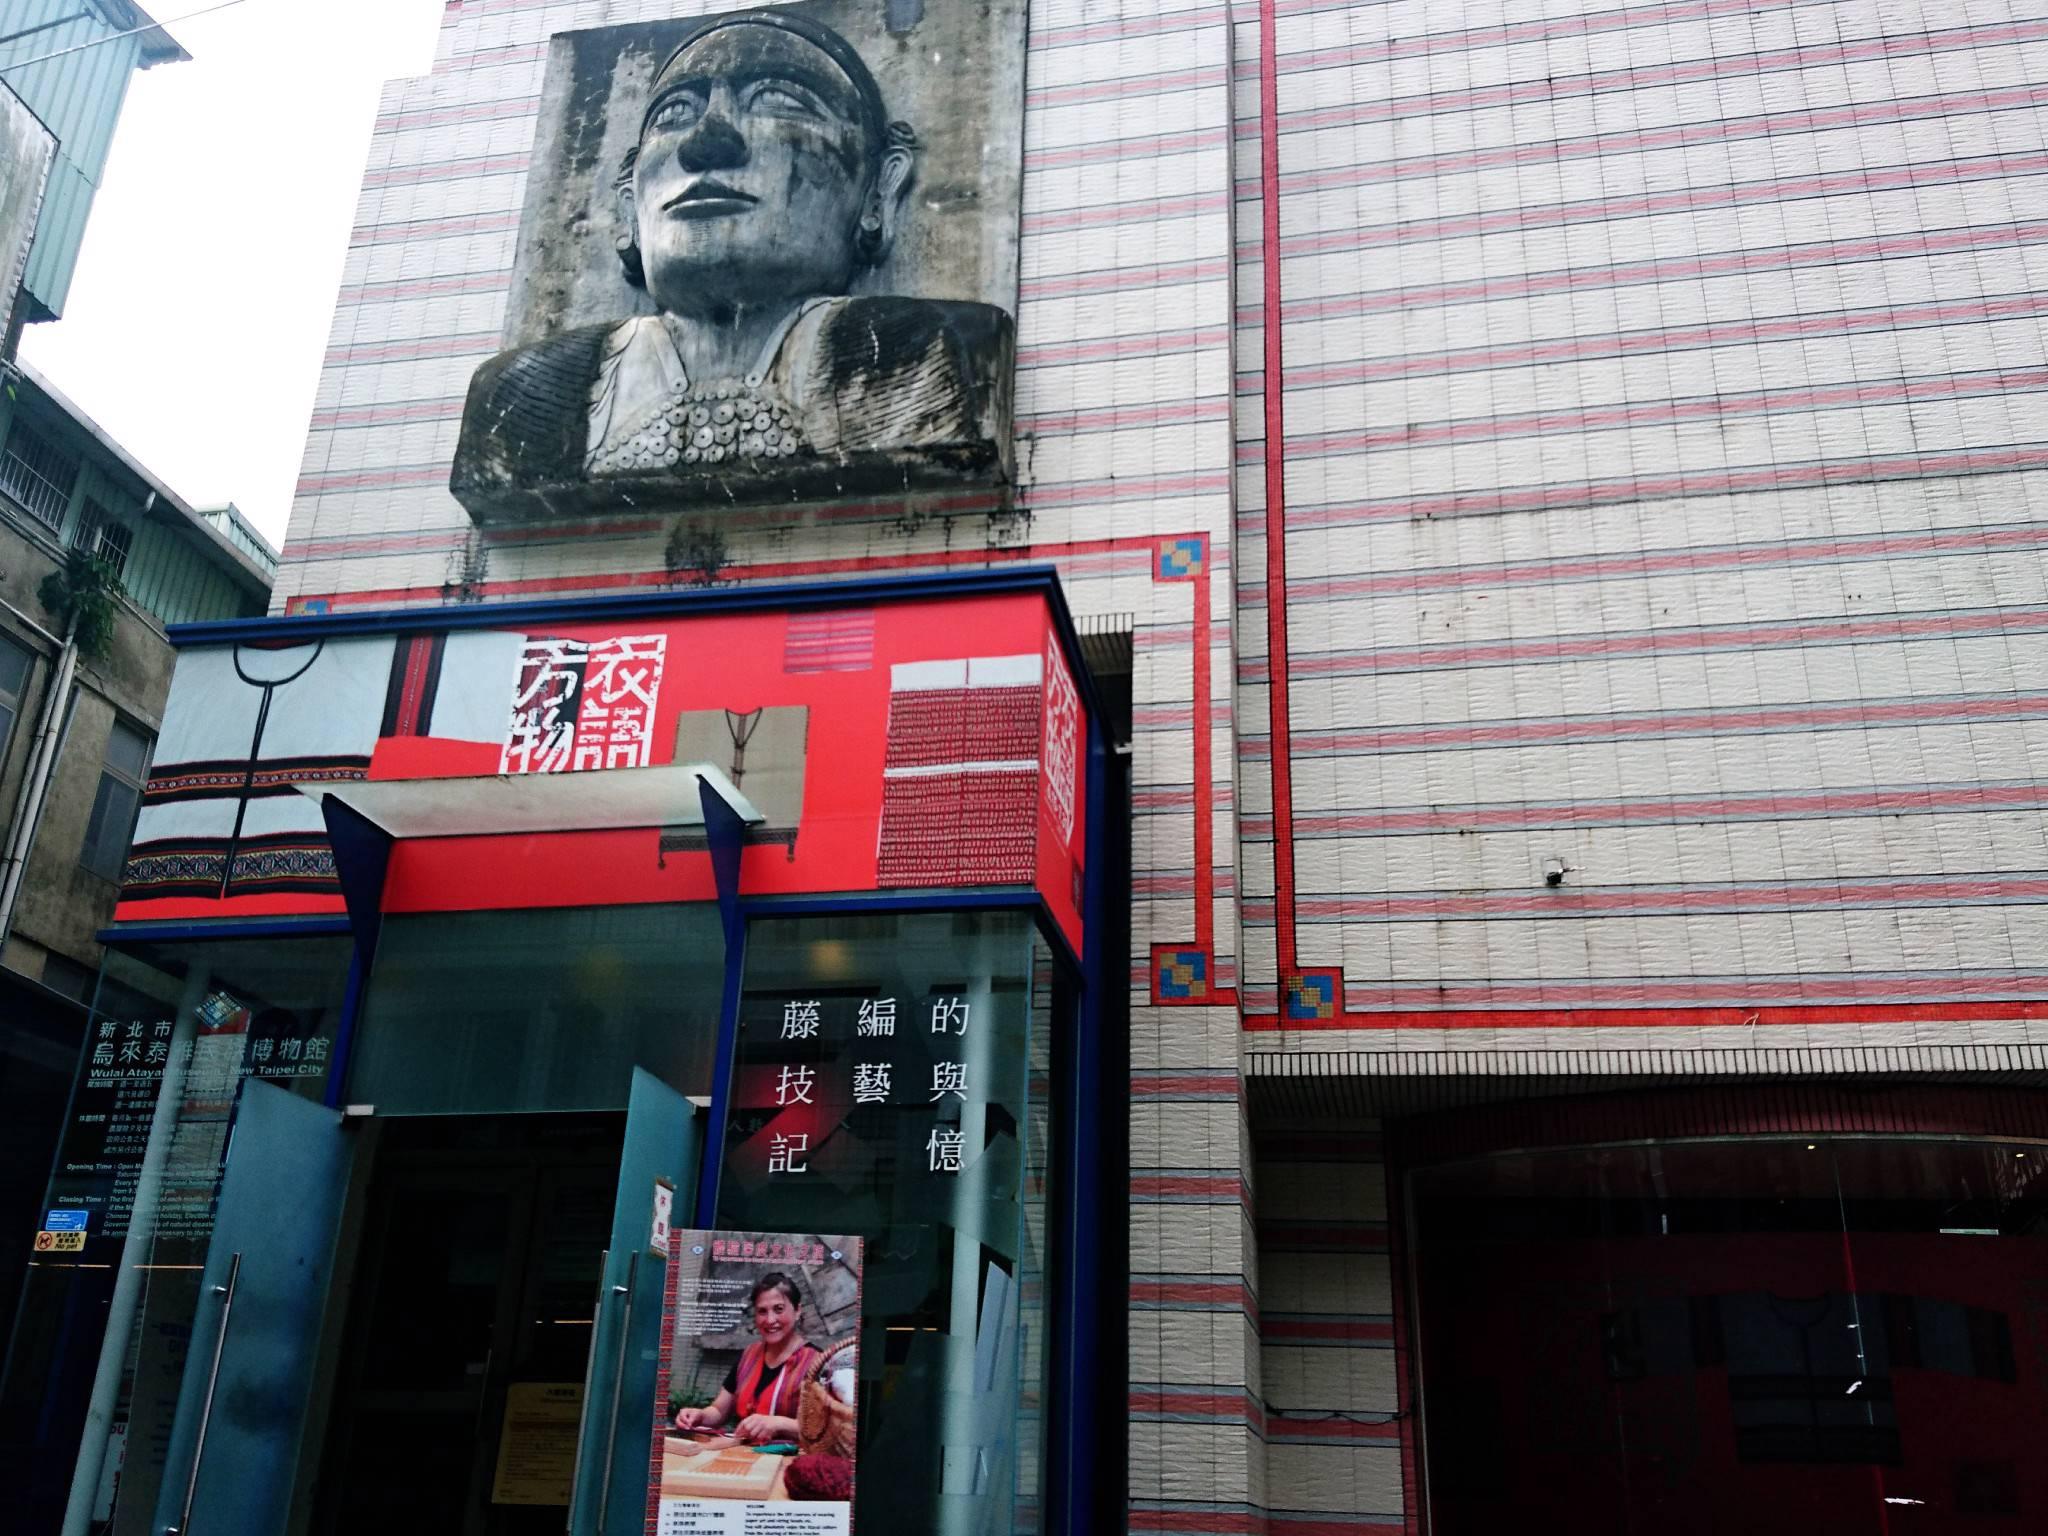 泰雅民族博物館以生活博物館為概念,讓遊客深入了解原住民文化。圖/新北市觀光旅遊網